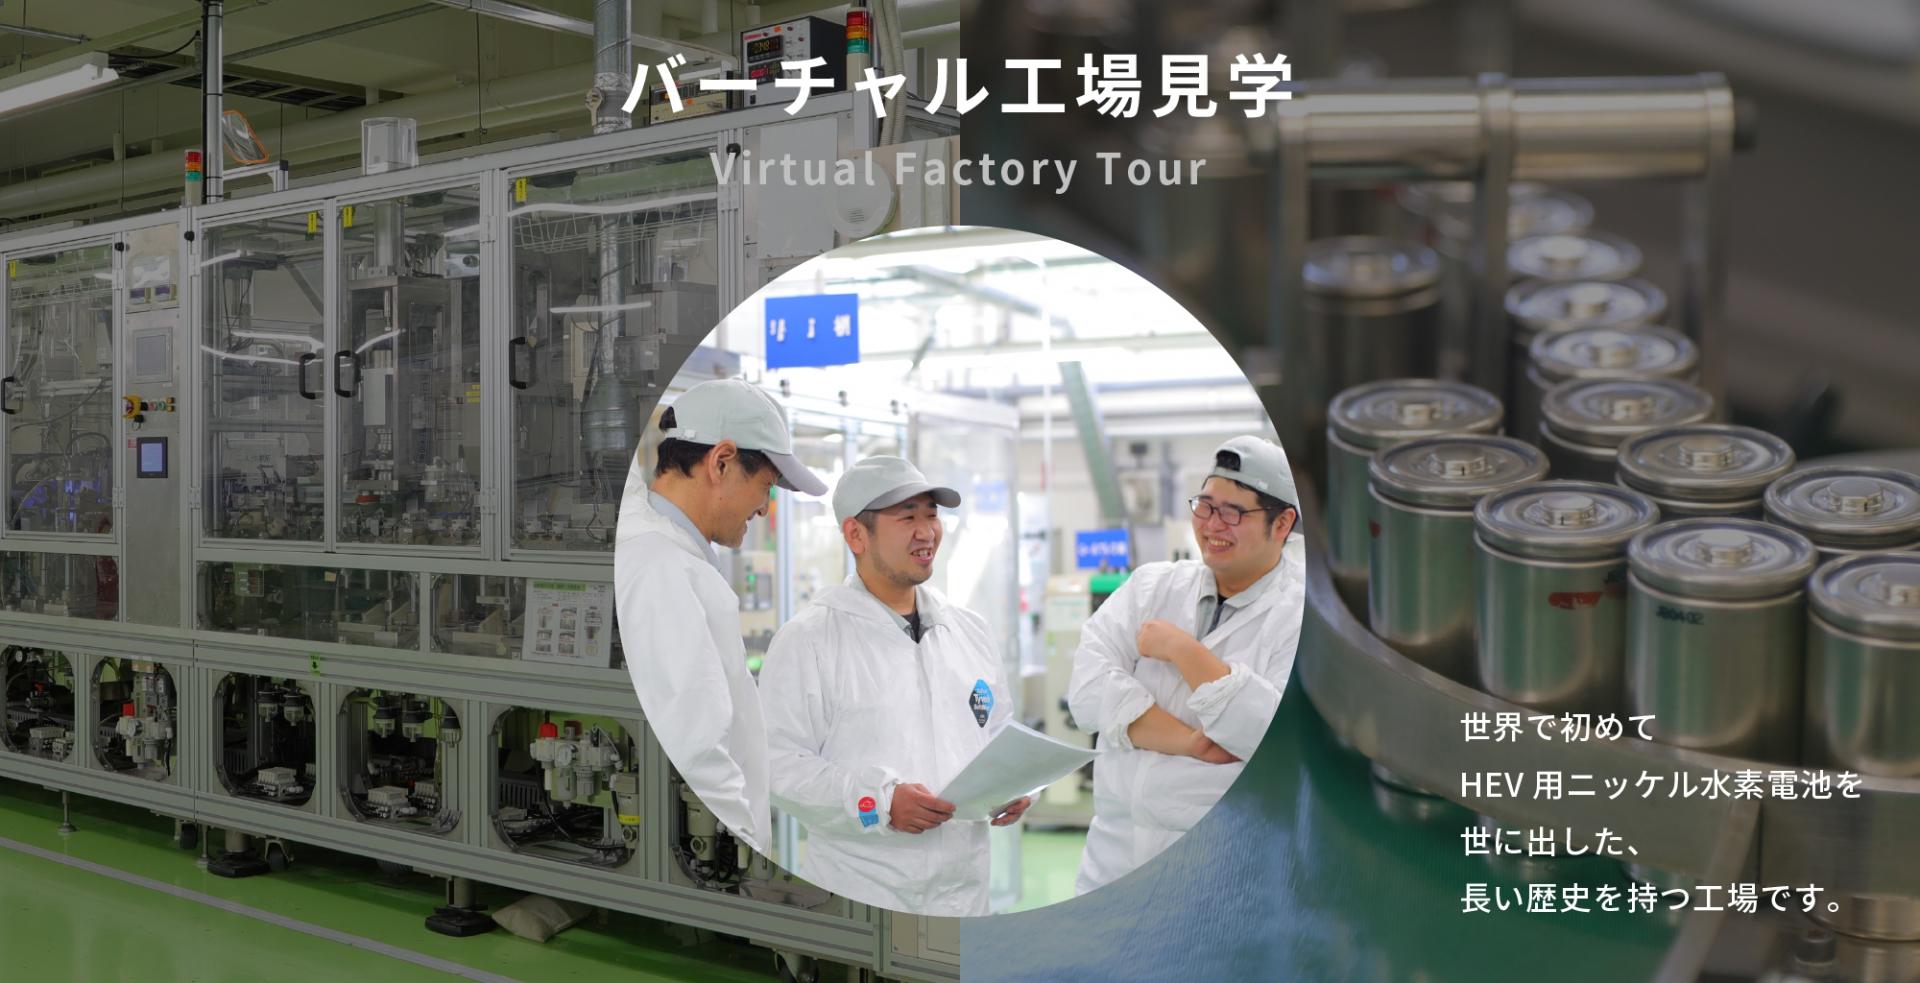 バーチャル工場見学:世界で初めてHEV用ニッケル水素電池を世に出した、長い歴史を持つ工場です